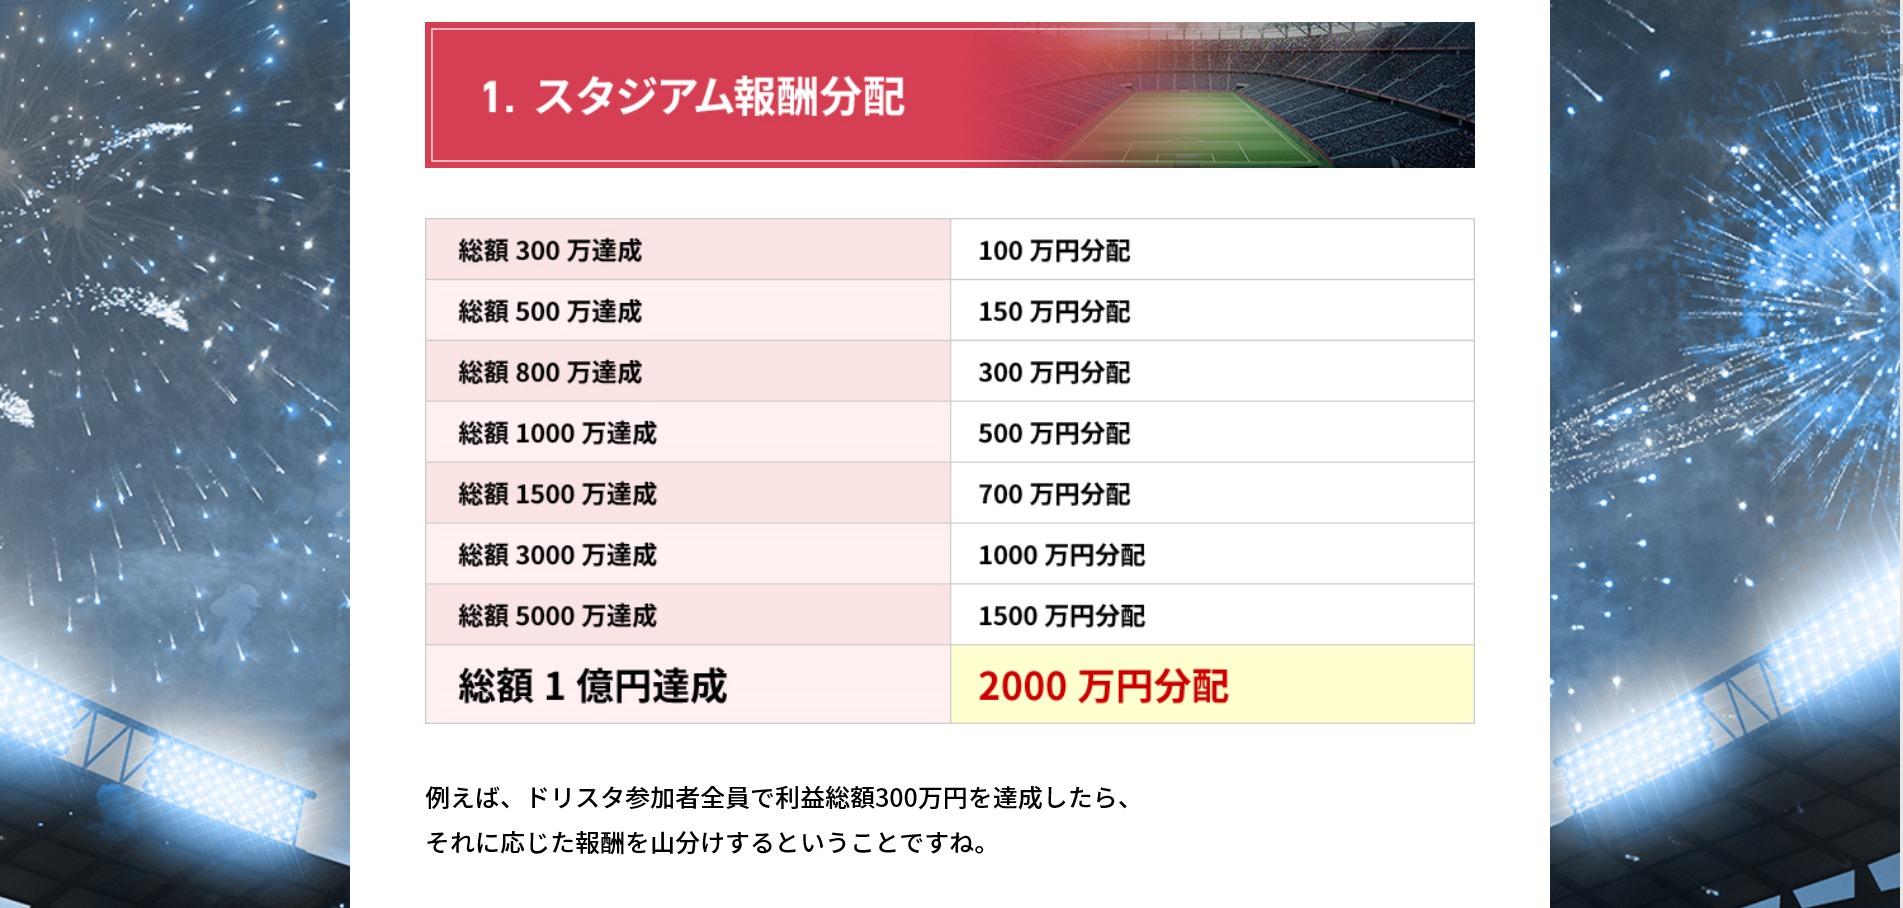 渡辺MASAのDREAMスタジアム(ドリスタ)新感覚、完全参加型BIGイベント?最大総額2000万円を参加者全員に山分けとは!?